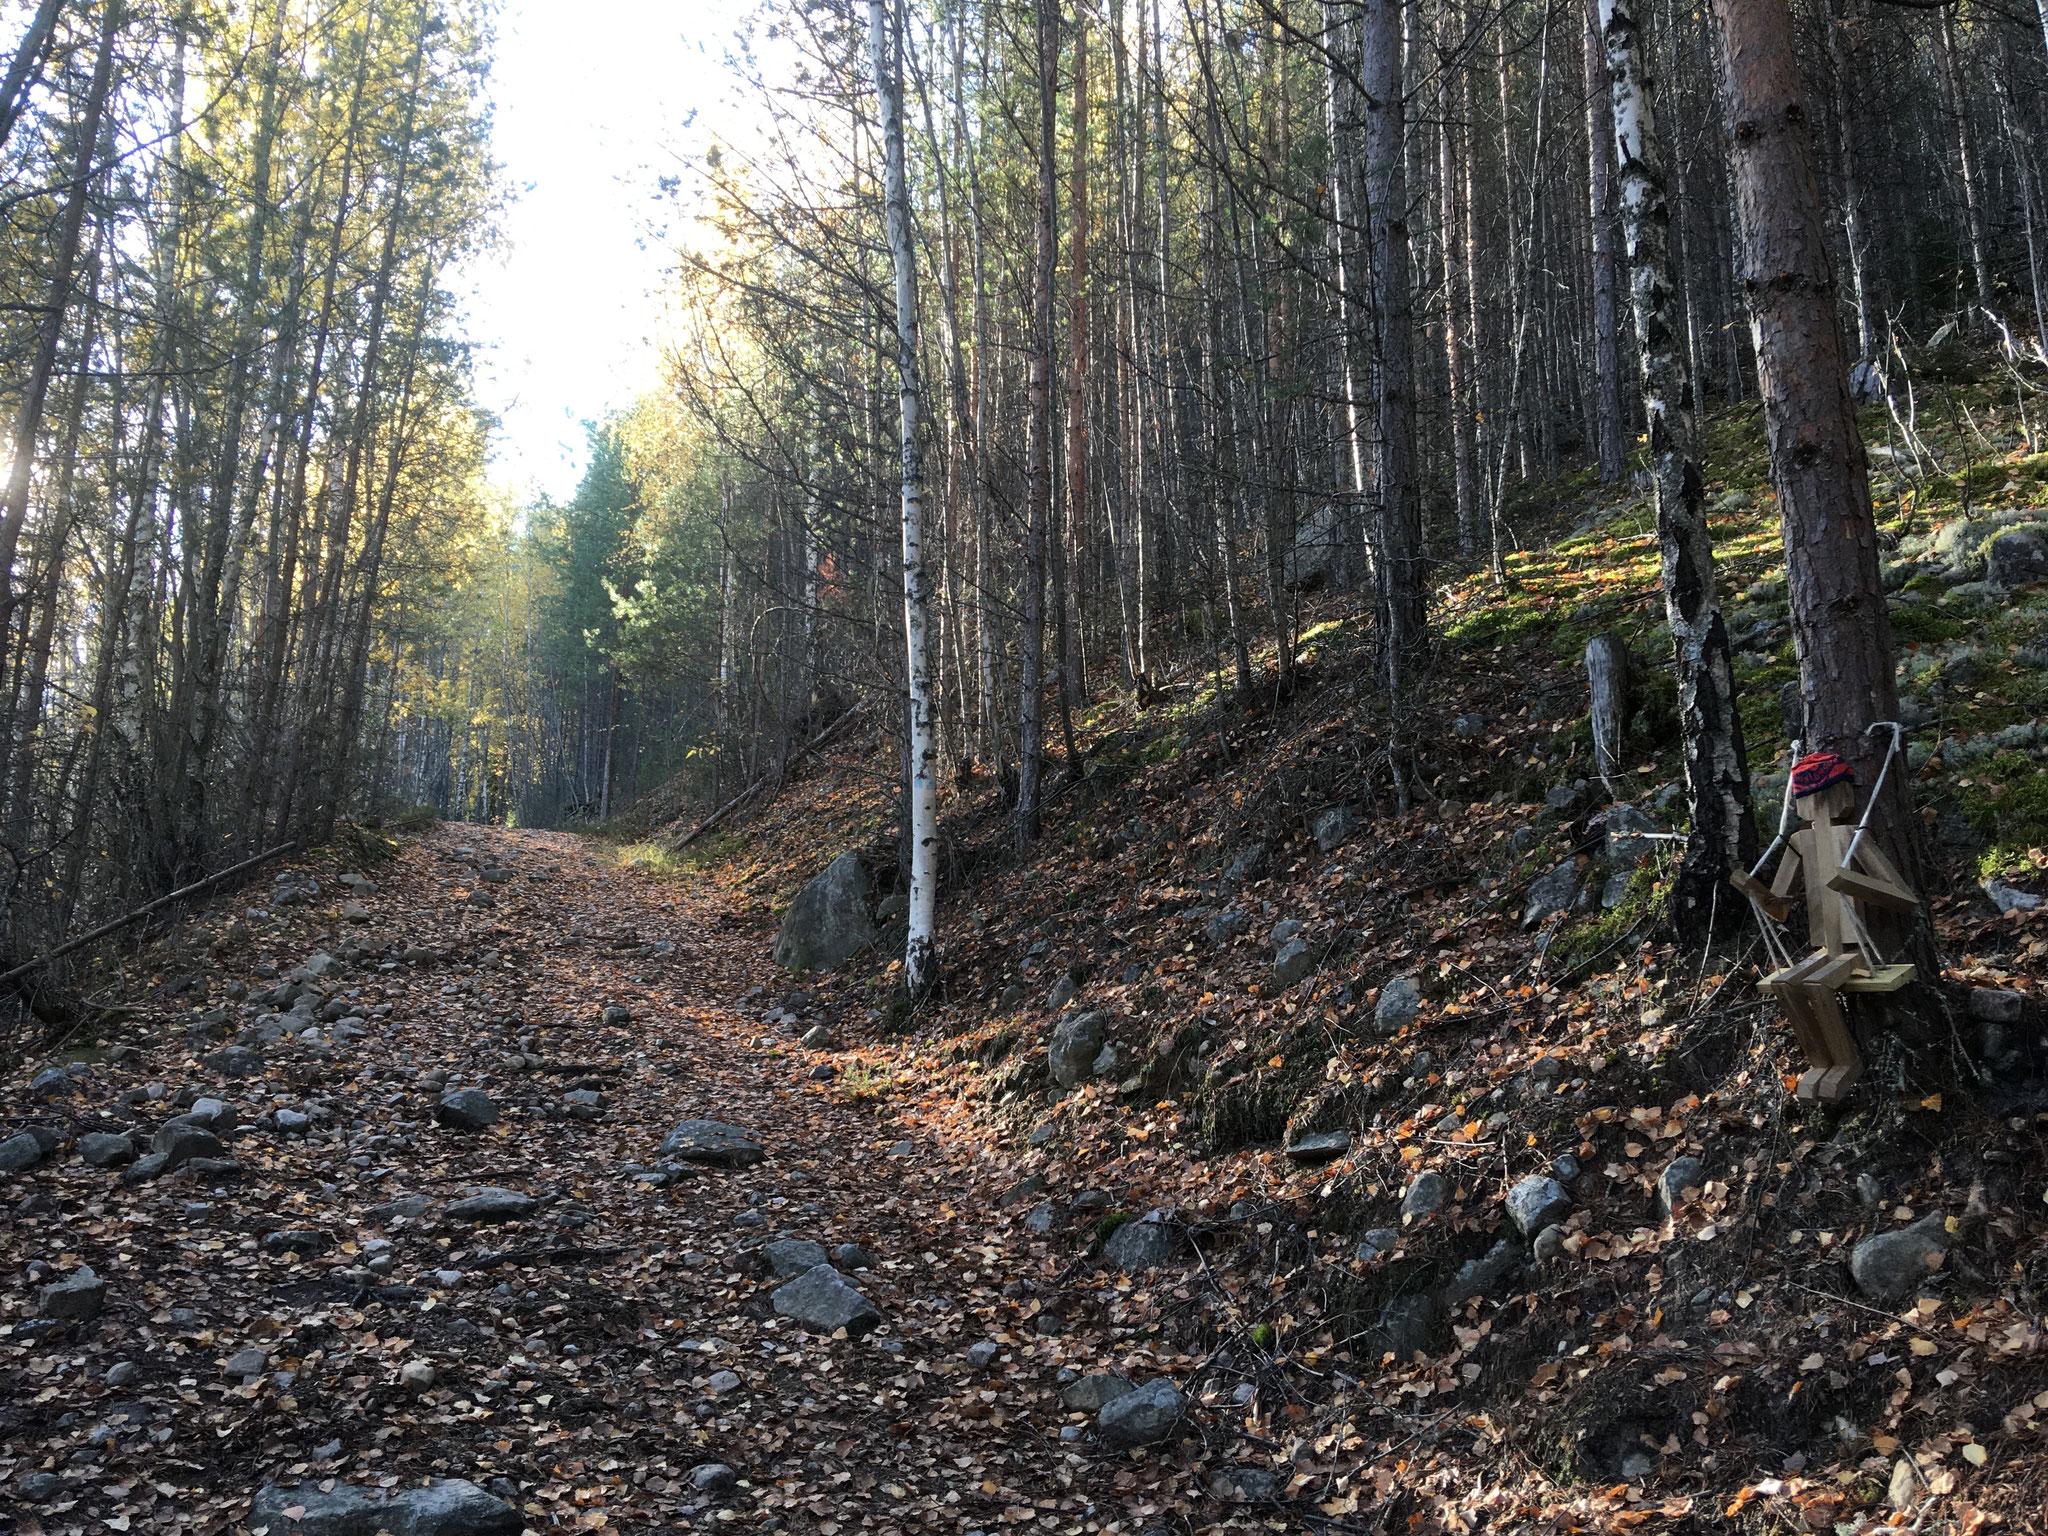 Waldweg bergab Richtung Sandviken Camping